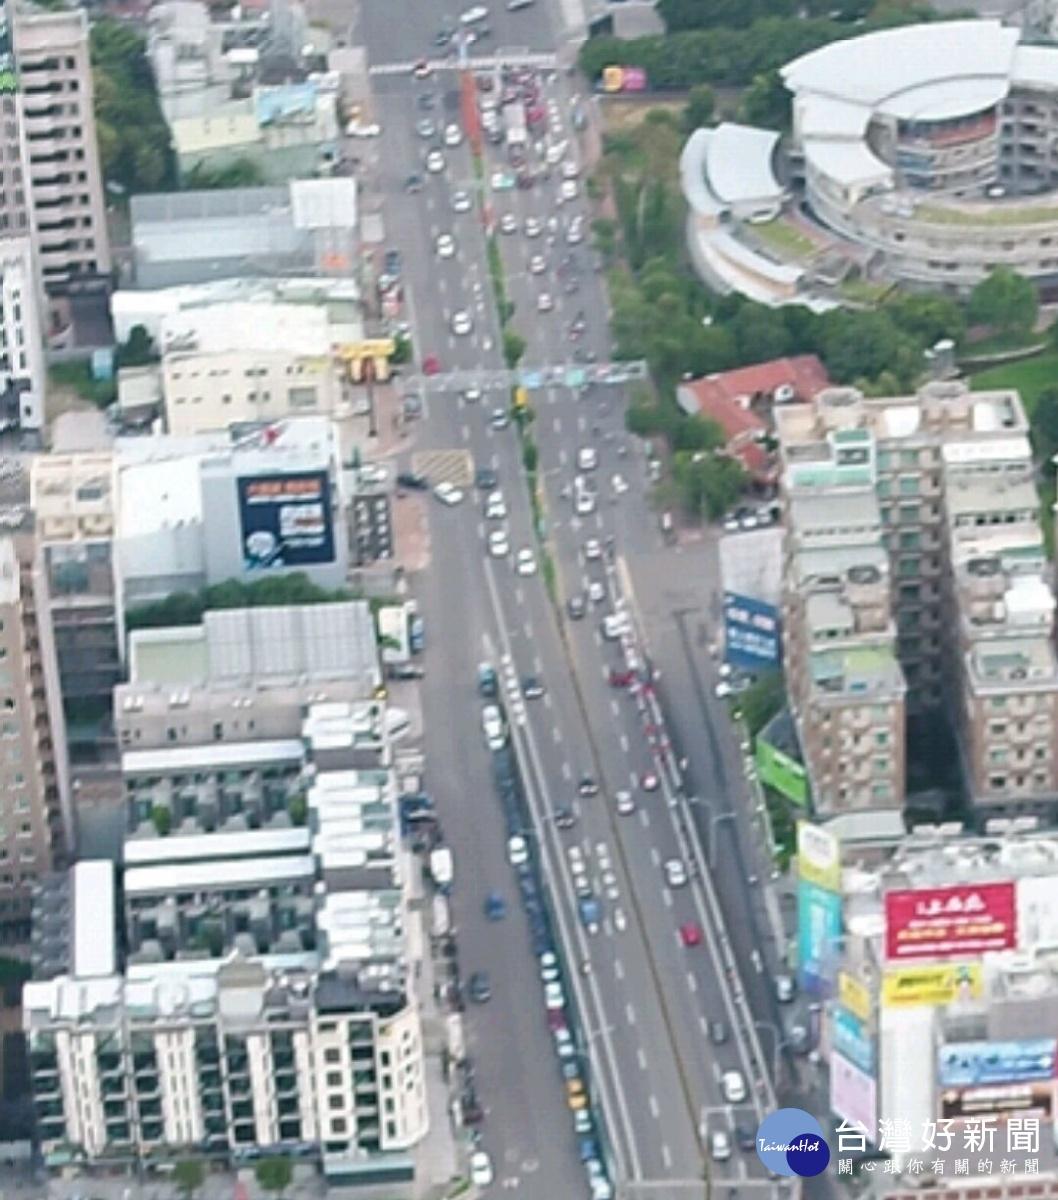 竹縣市攜手合作 經國橋智慧交通系統縮短旅行時間28%